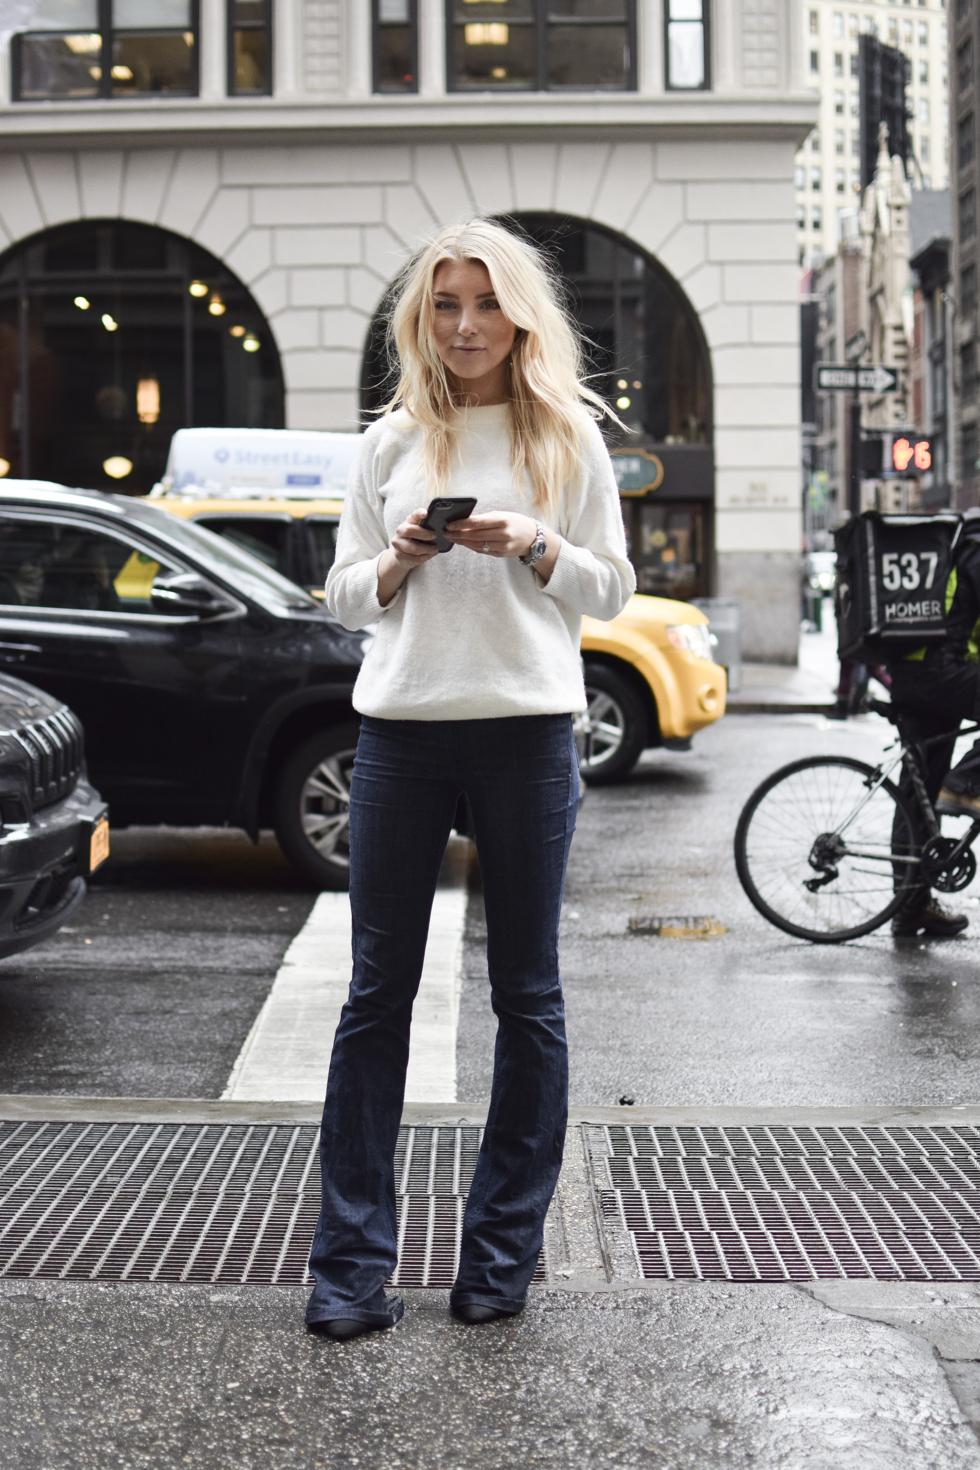 sanne_6thave_new_york_2